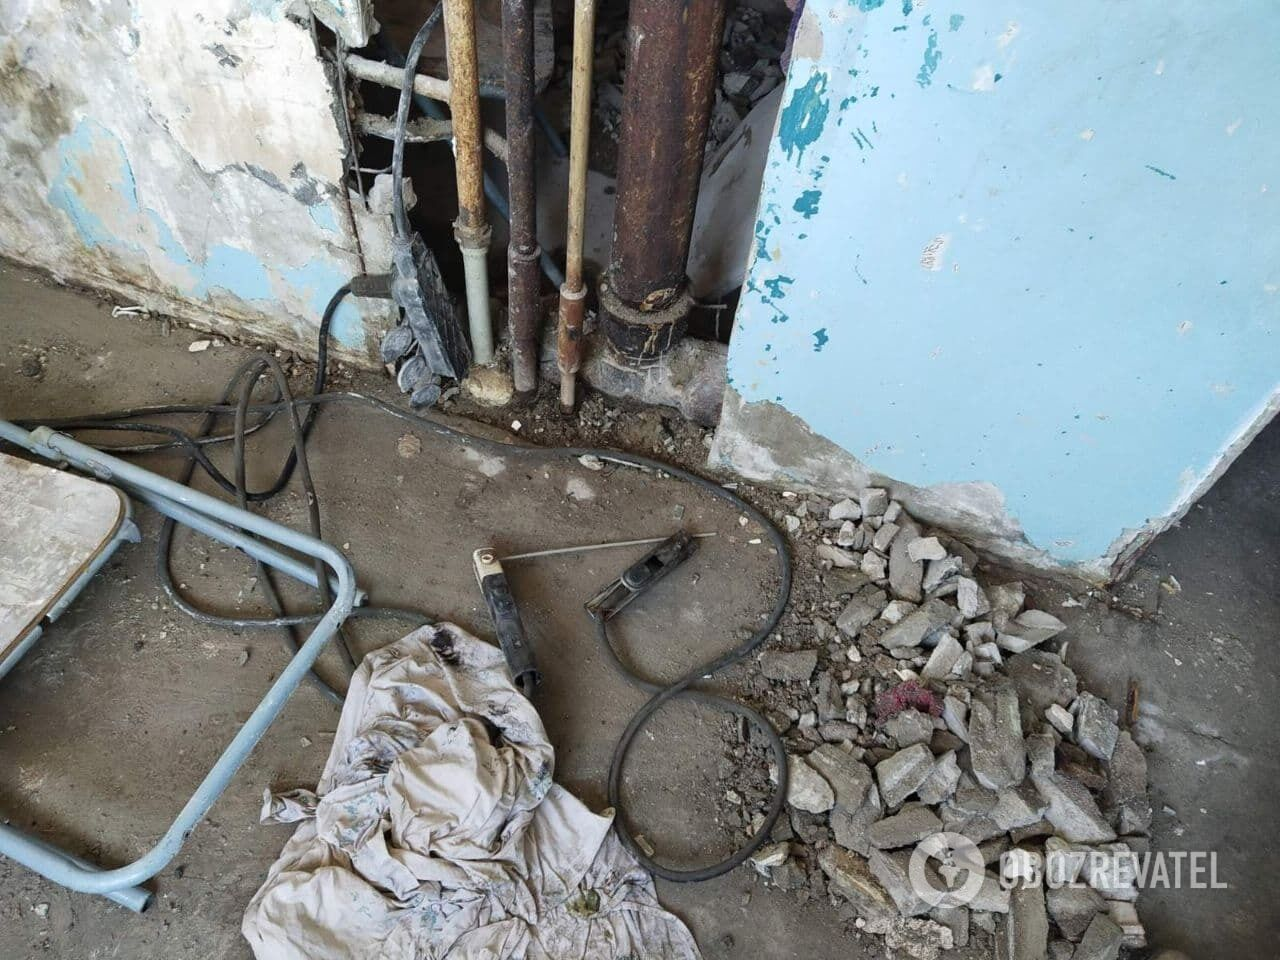 Взрыв произошел во время газосварочных работ.